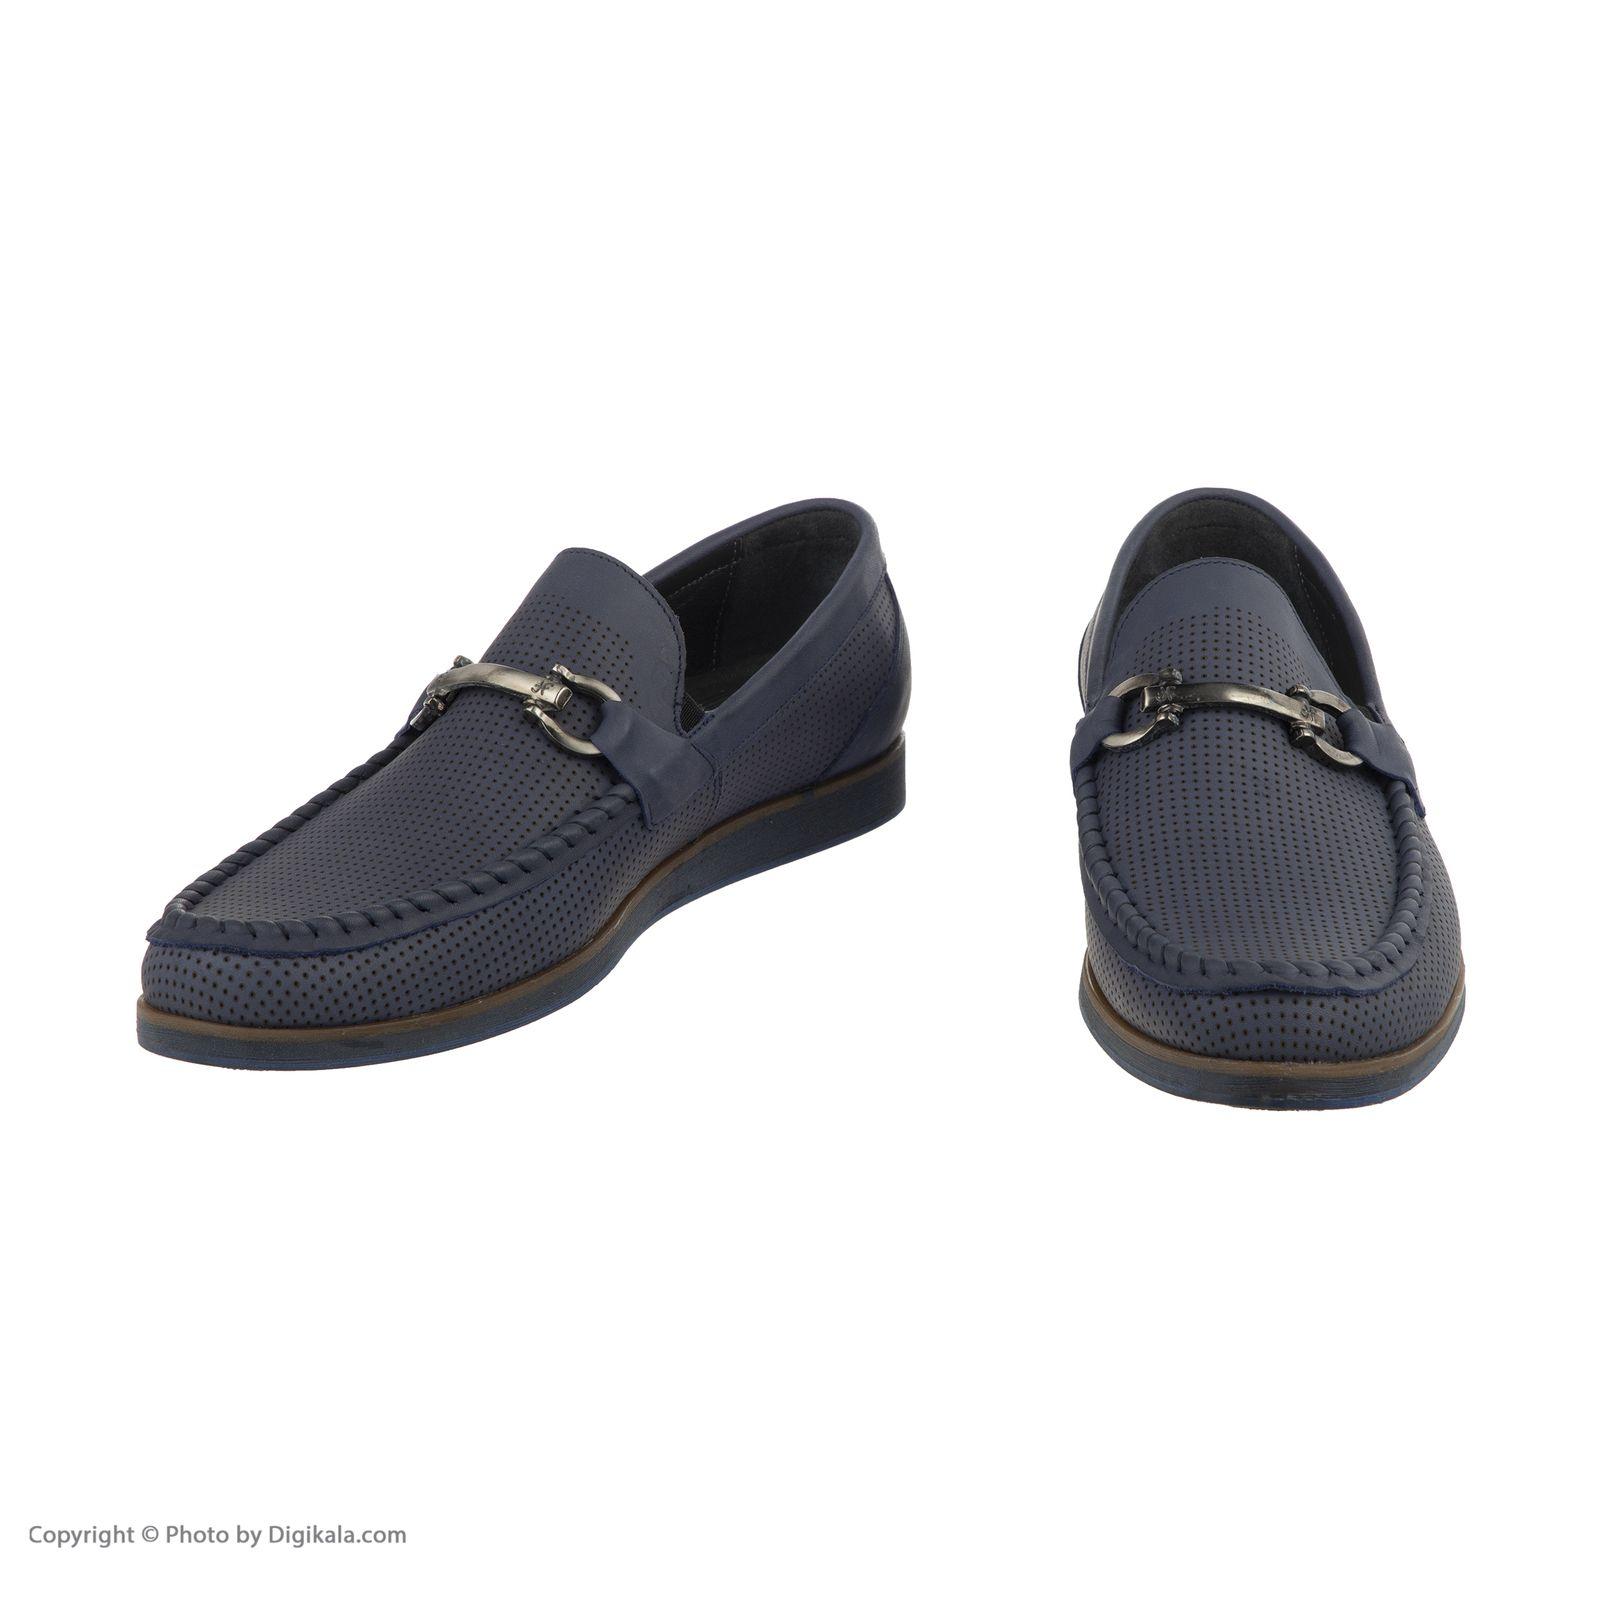 کفش روزمره مردانه سوته مدل 5014A503103 -  - 8